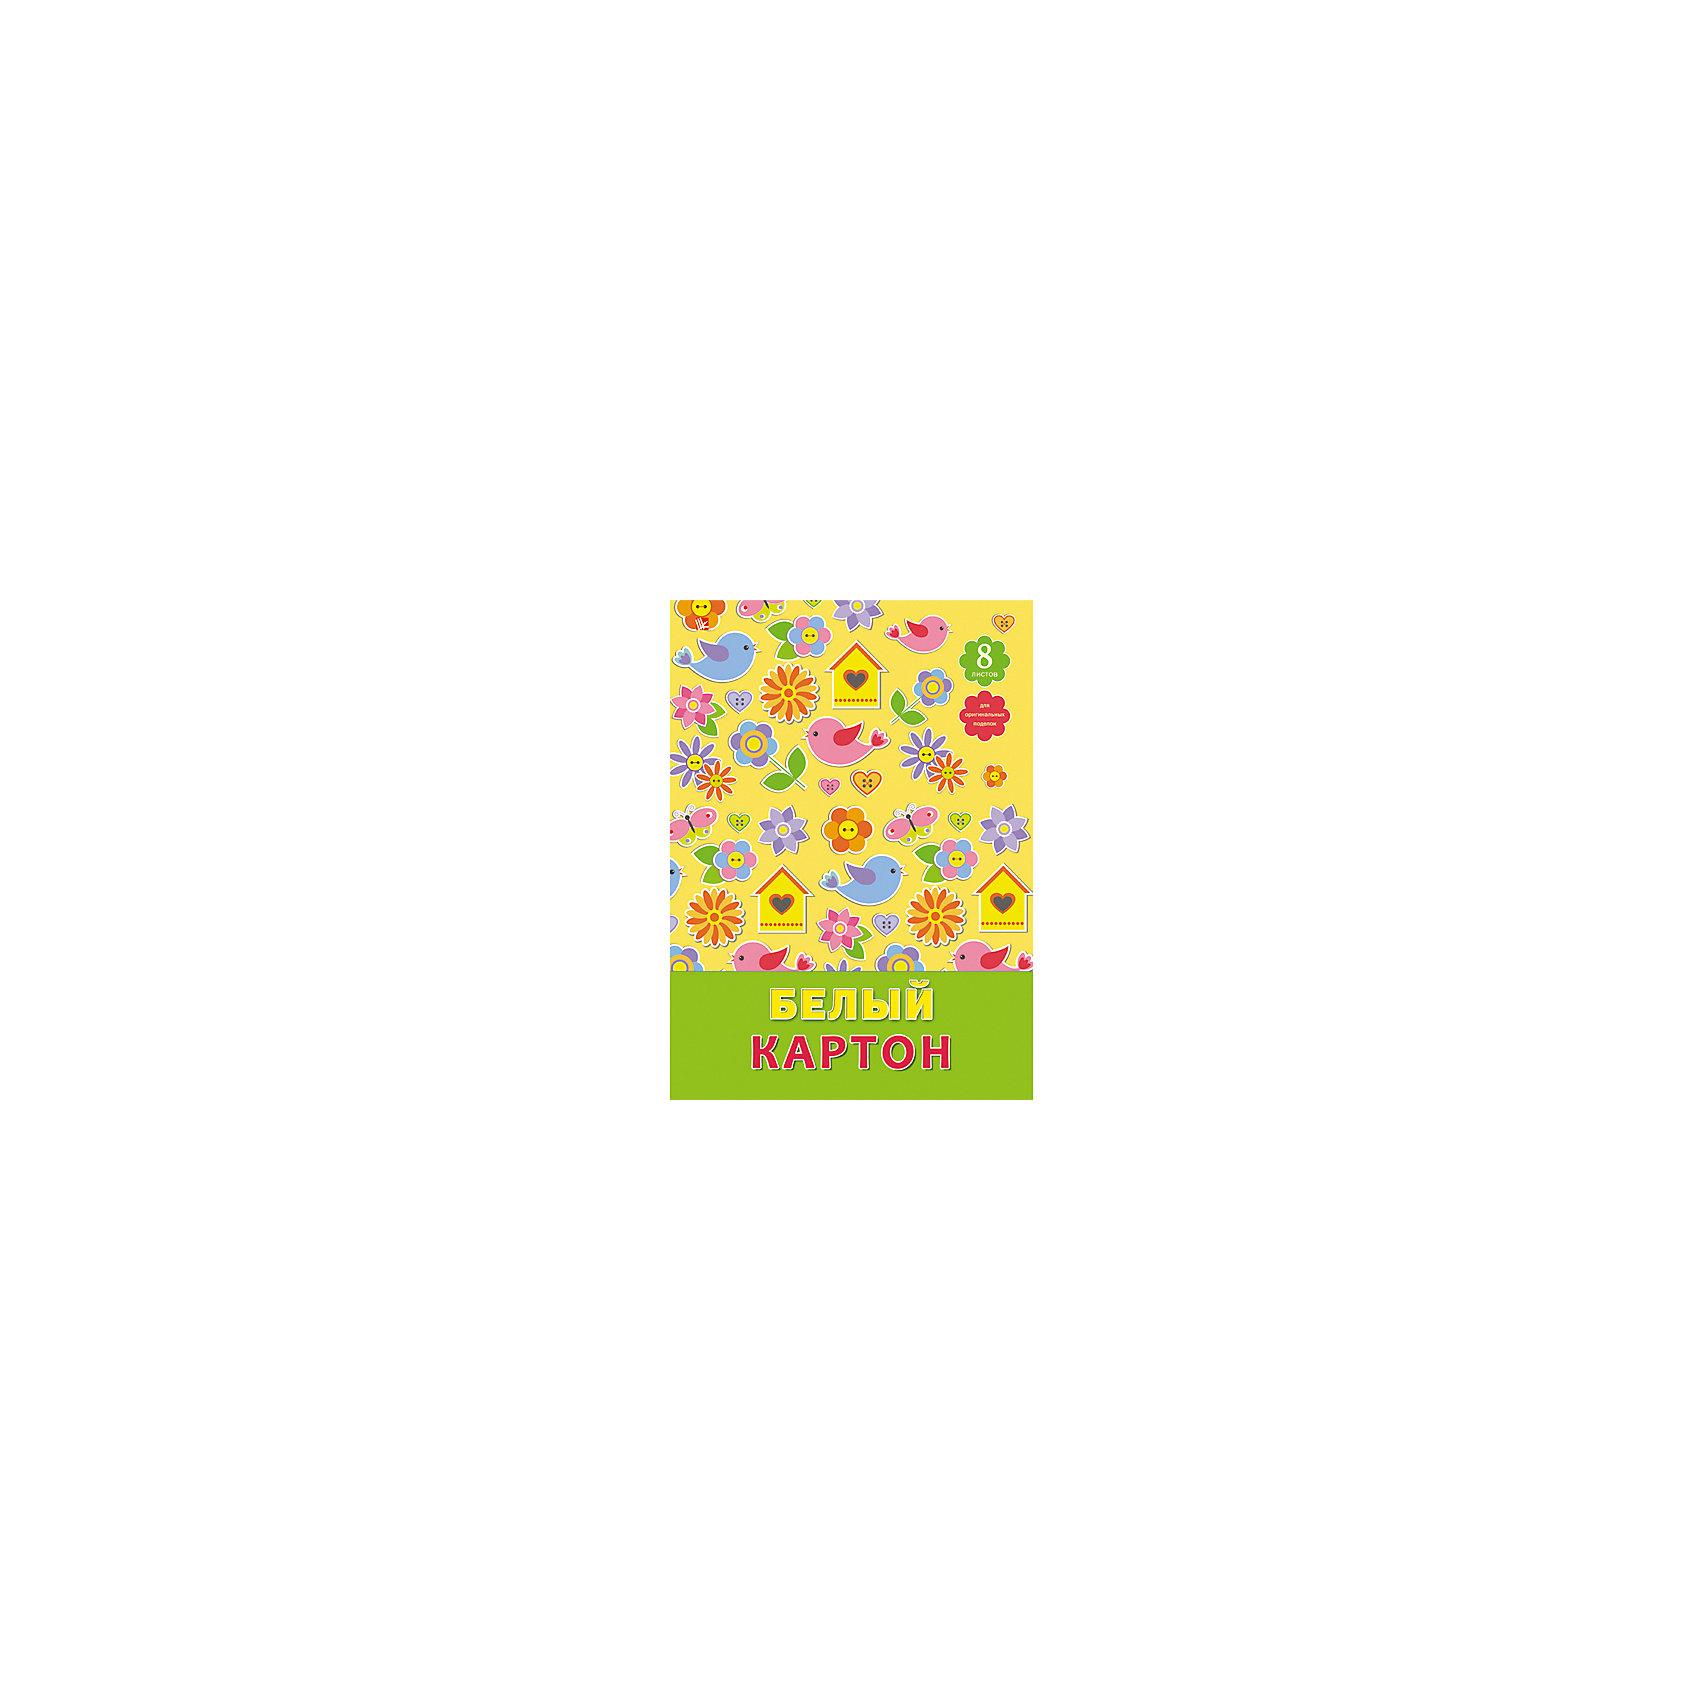 Белый картон Цветы и птицы,  А4, 8лЦветы и птицы - папка с качественным картоном белого цвета. Красочная обложка привлечет внимание и поможет создать самые интересные поделки.<br><br>Дополнительная информация:<br>Обложка: картон<br>Количество листов: 8<br>Формат: А4<br>Белый картон Цветы и птицы можно купить в нашем интернет-магазине.<br><br>Ширина мм: 280<br>Глубина мм: 200<br>Высота мм: 6<br>Вес г: 240<br>Возраст от месяцев: 72<br>Возраст до месяцев: 2147483647<br>Пол: Унисекс<br>Возраст: Детский<br>SKU: 4942465